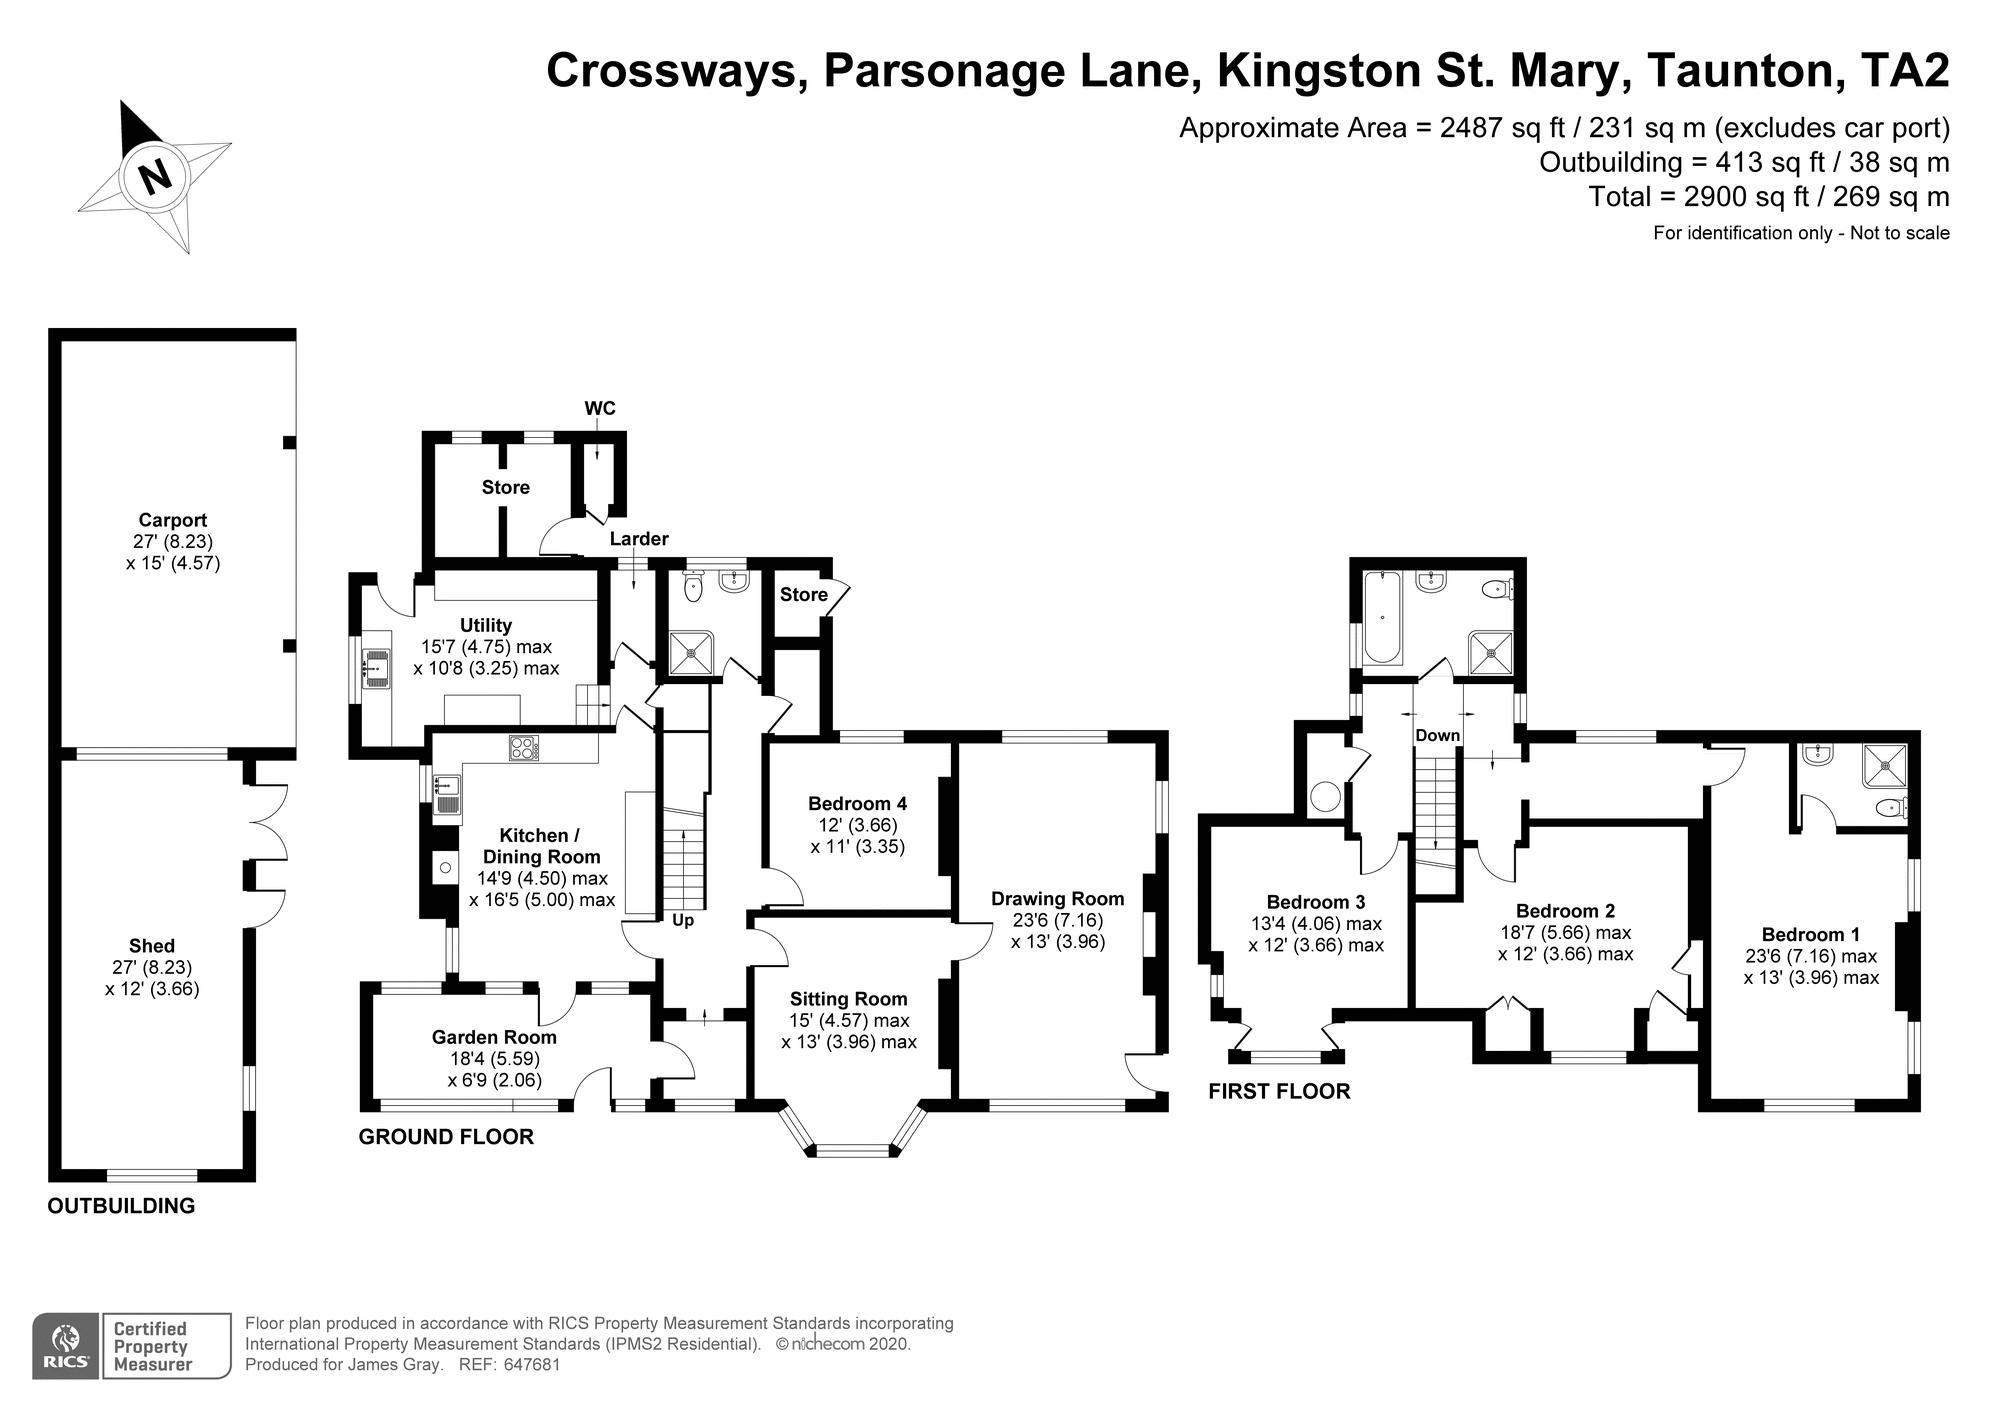 Parsonage Lane Kingston St. Mary